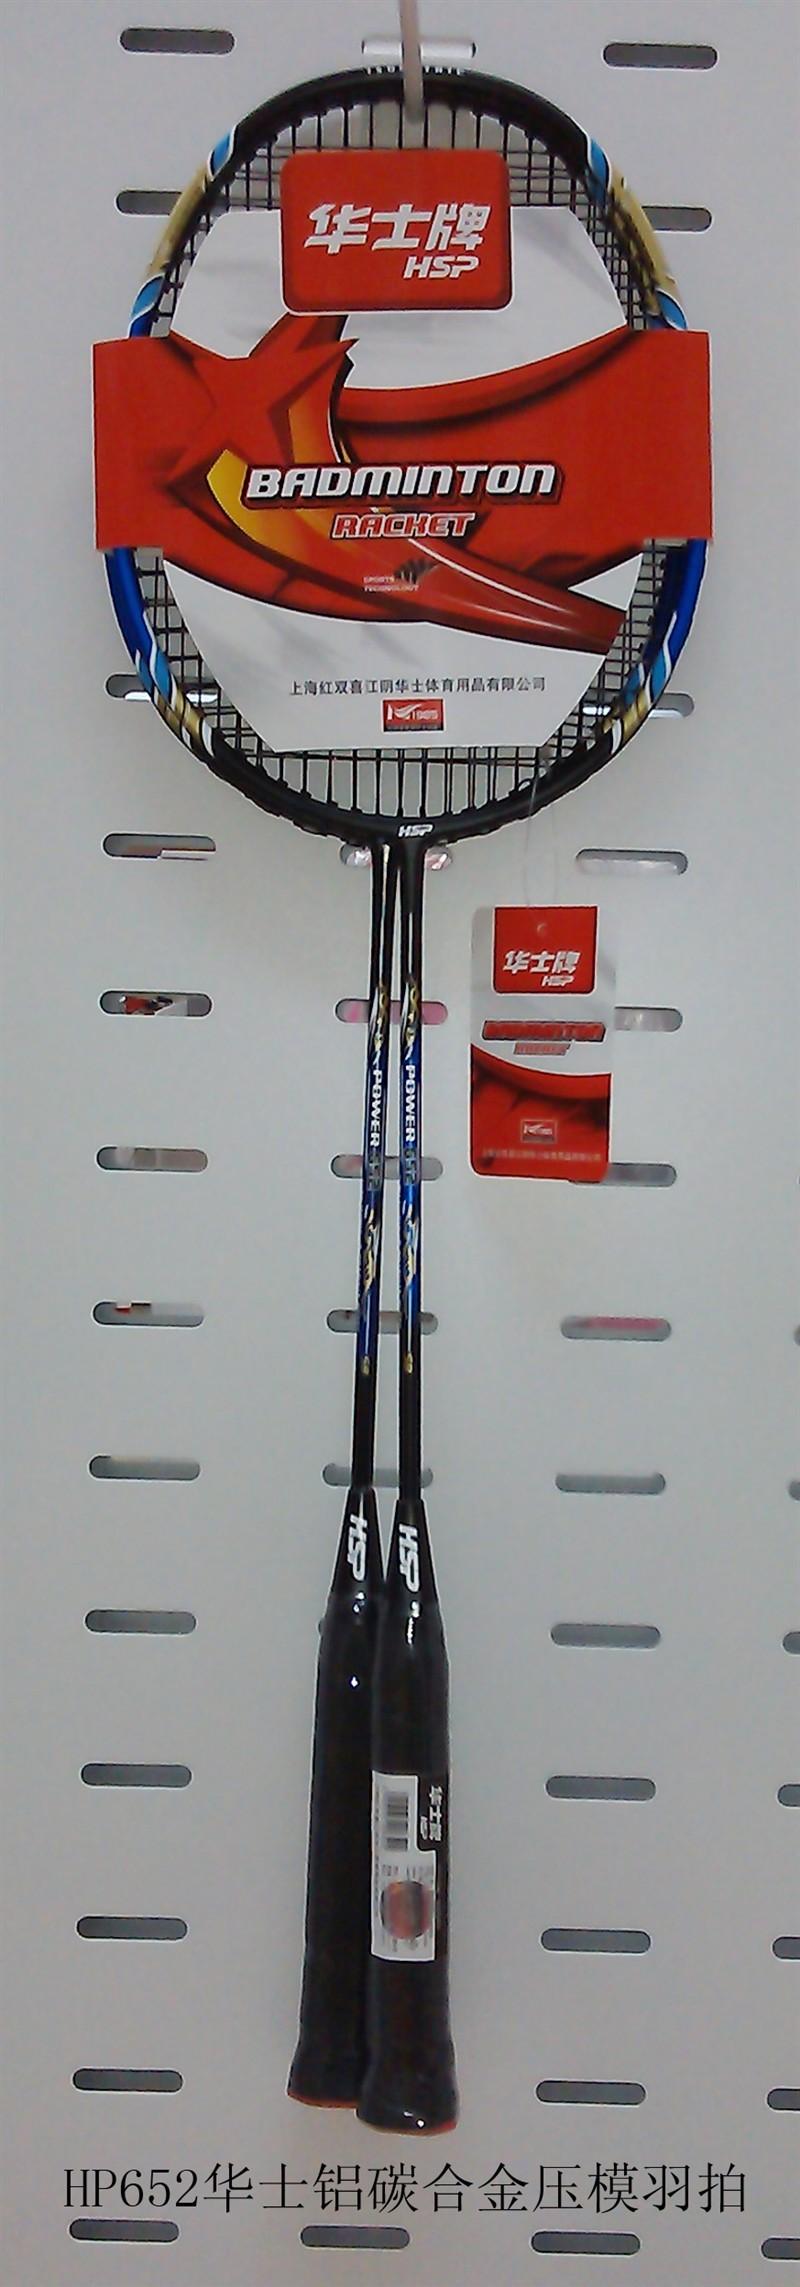 hp652华士铝碳合金压模羽毛球拍